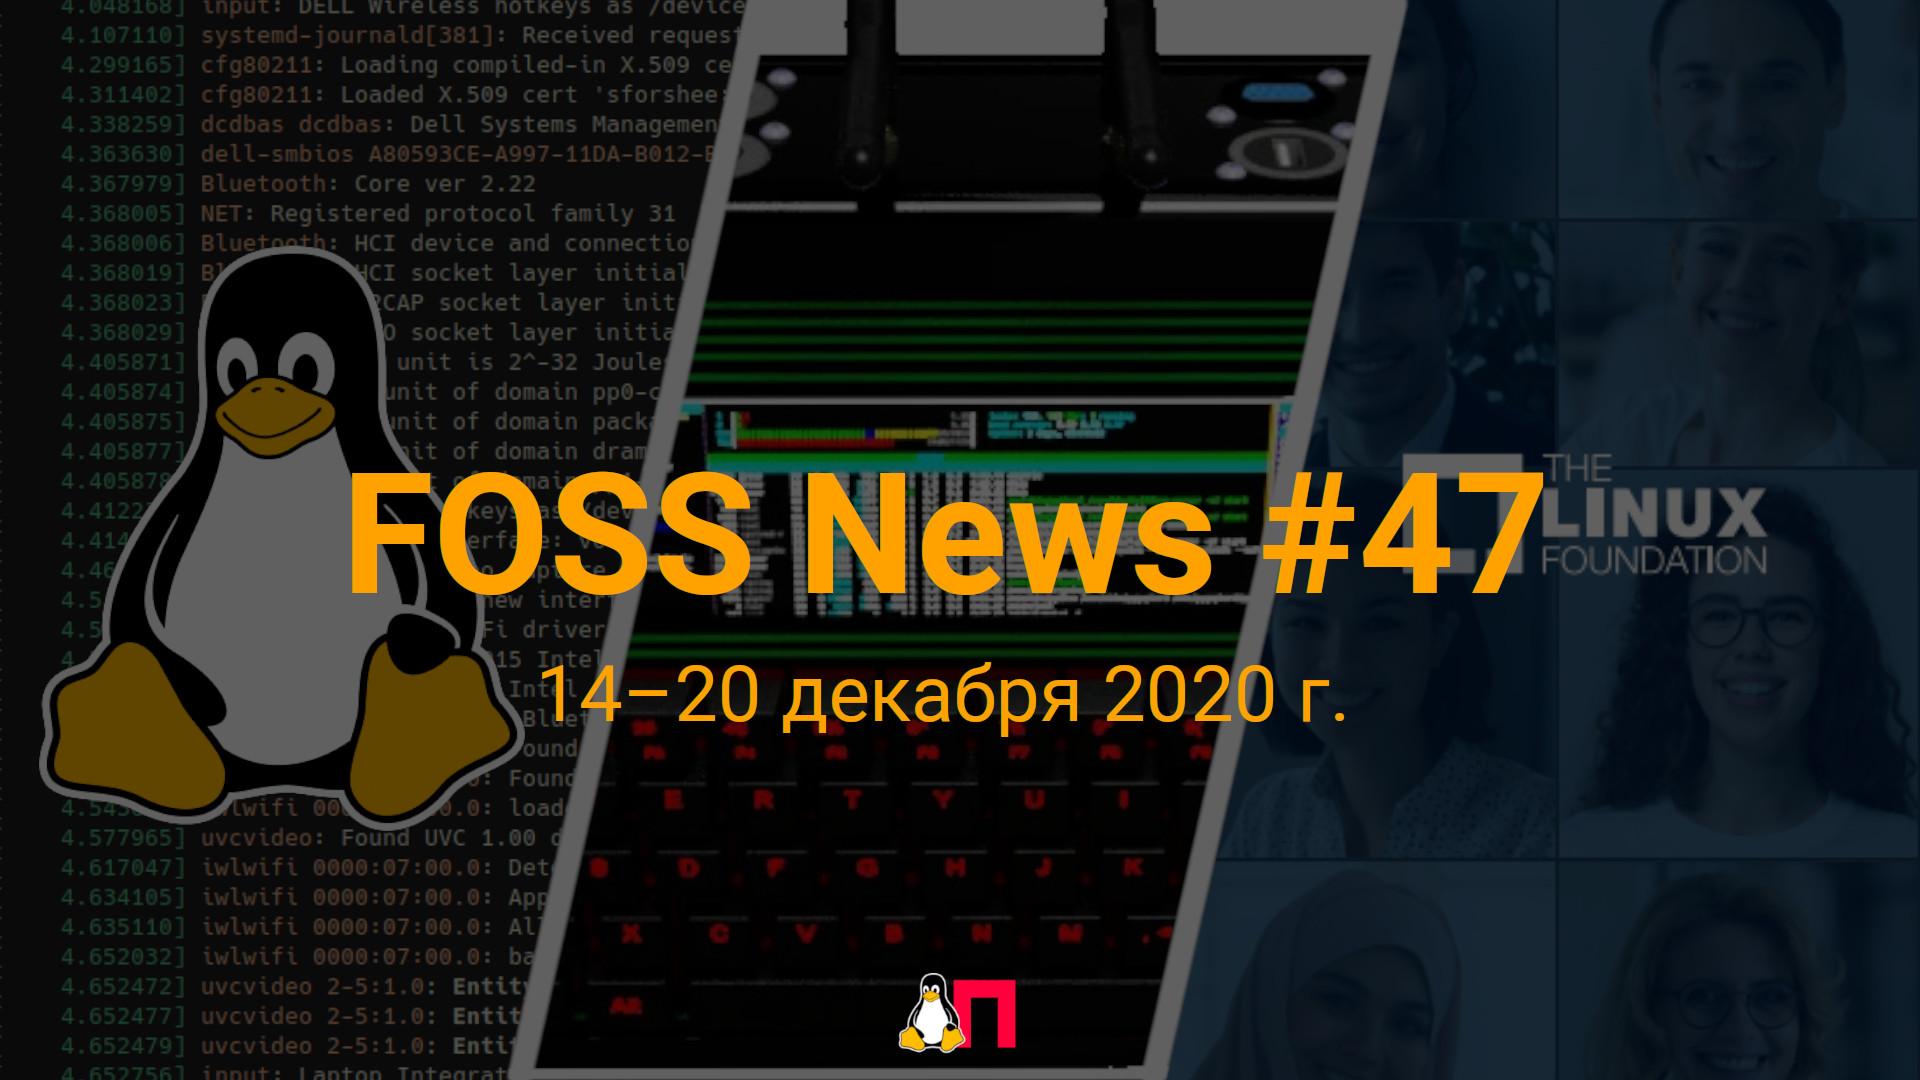 FOSS News 47  дайджест новостей и других материалов о свободном и открытом ПО за 14-20 декабря 2020 года